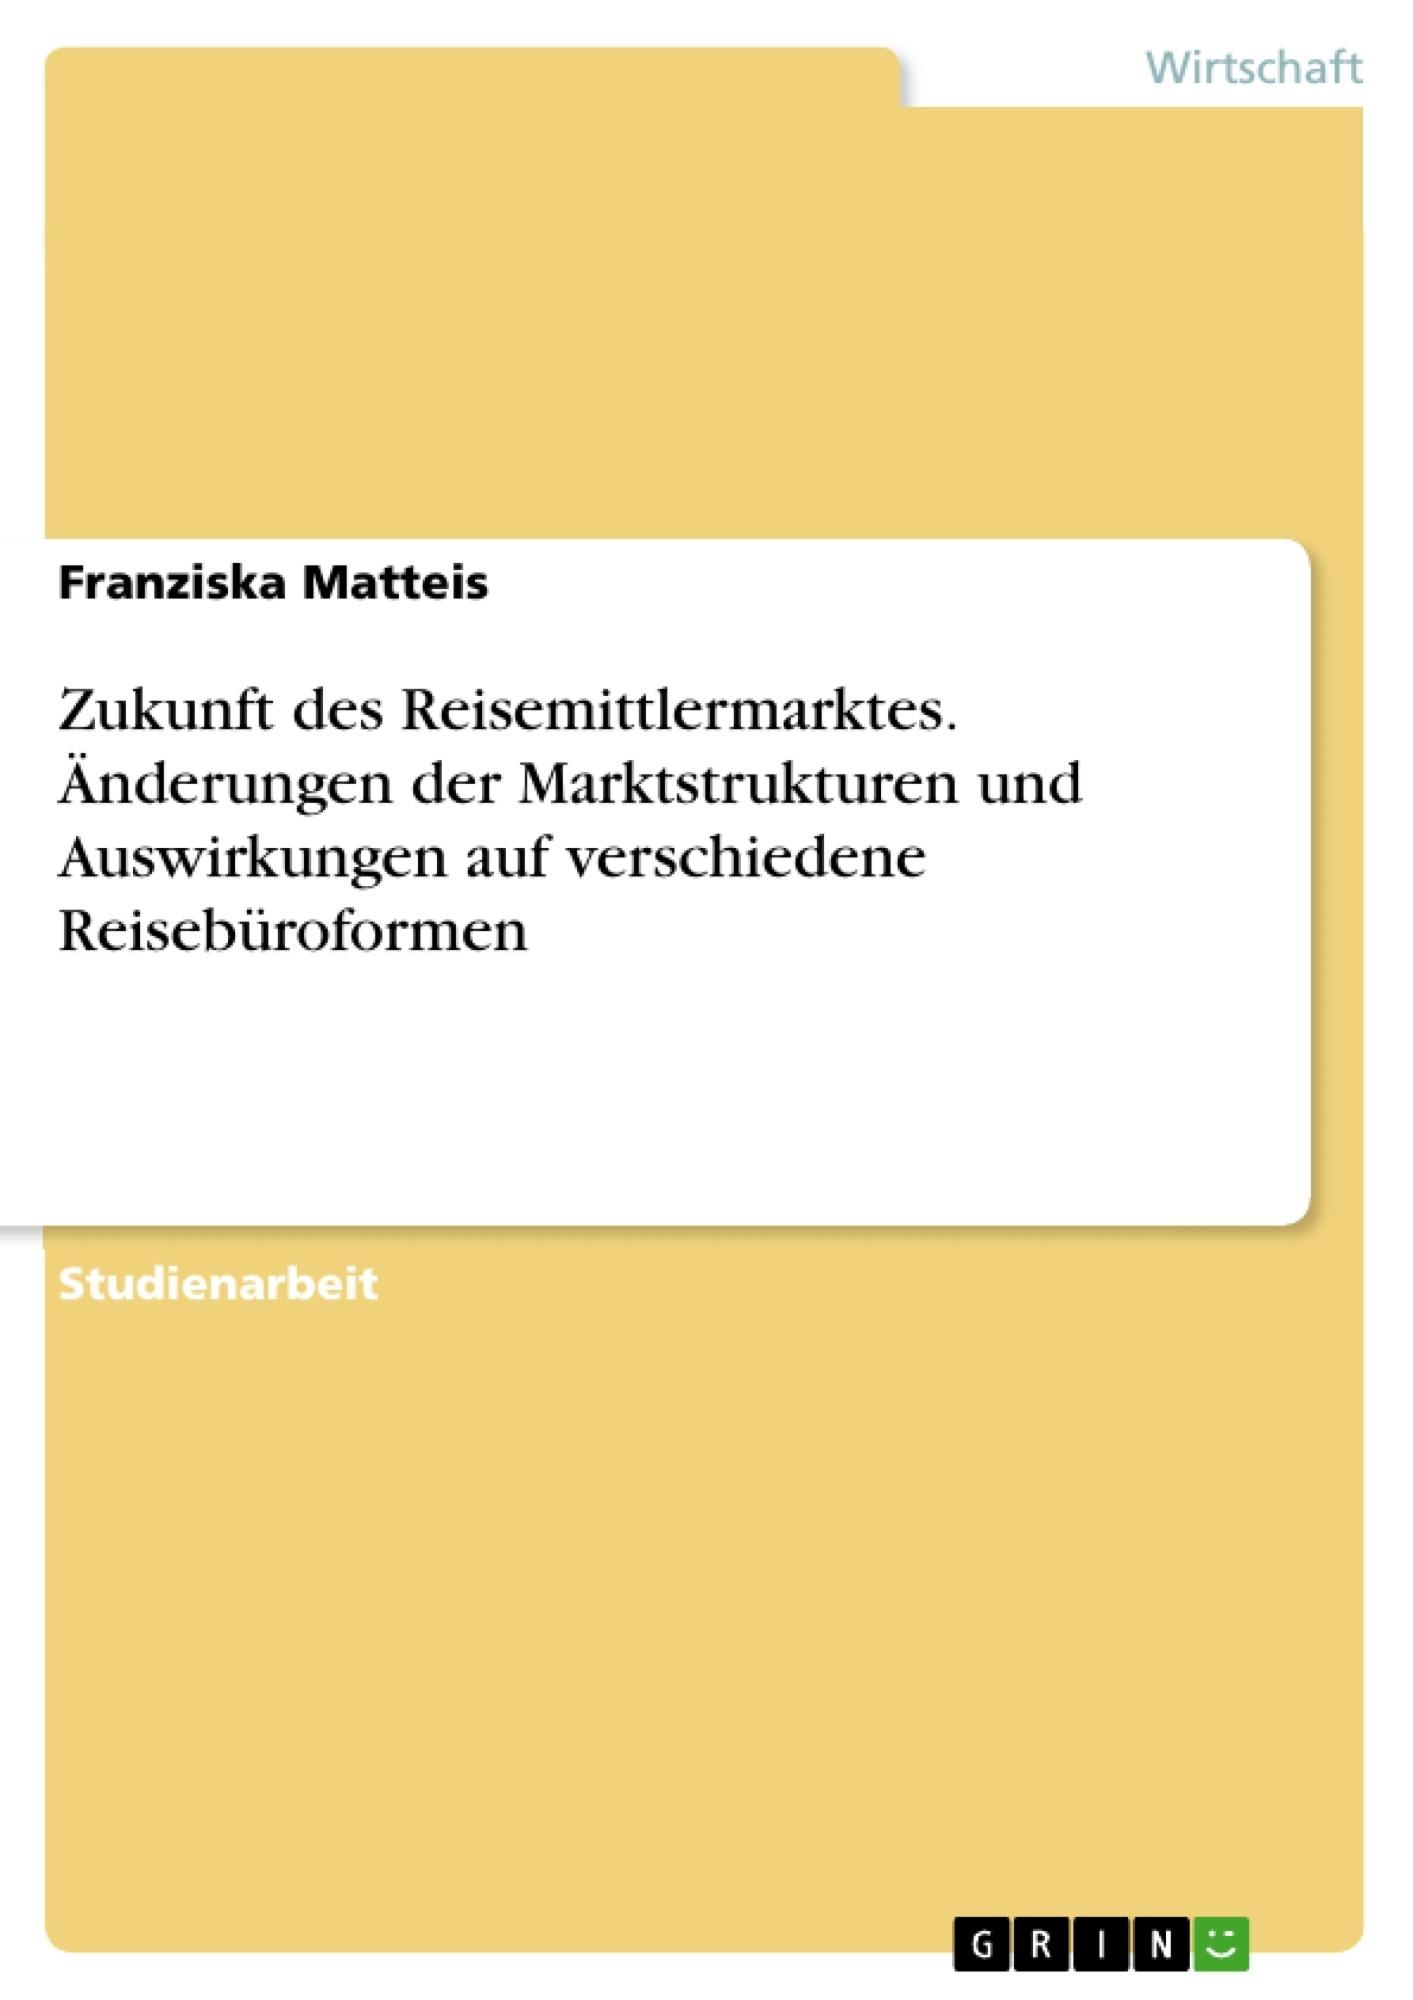 Titel: Zukunft des Reisemittlermarktes. Änderungen der Marktstrukturen und Auswirkungen auf verschiedene Reisebüroformen